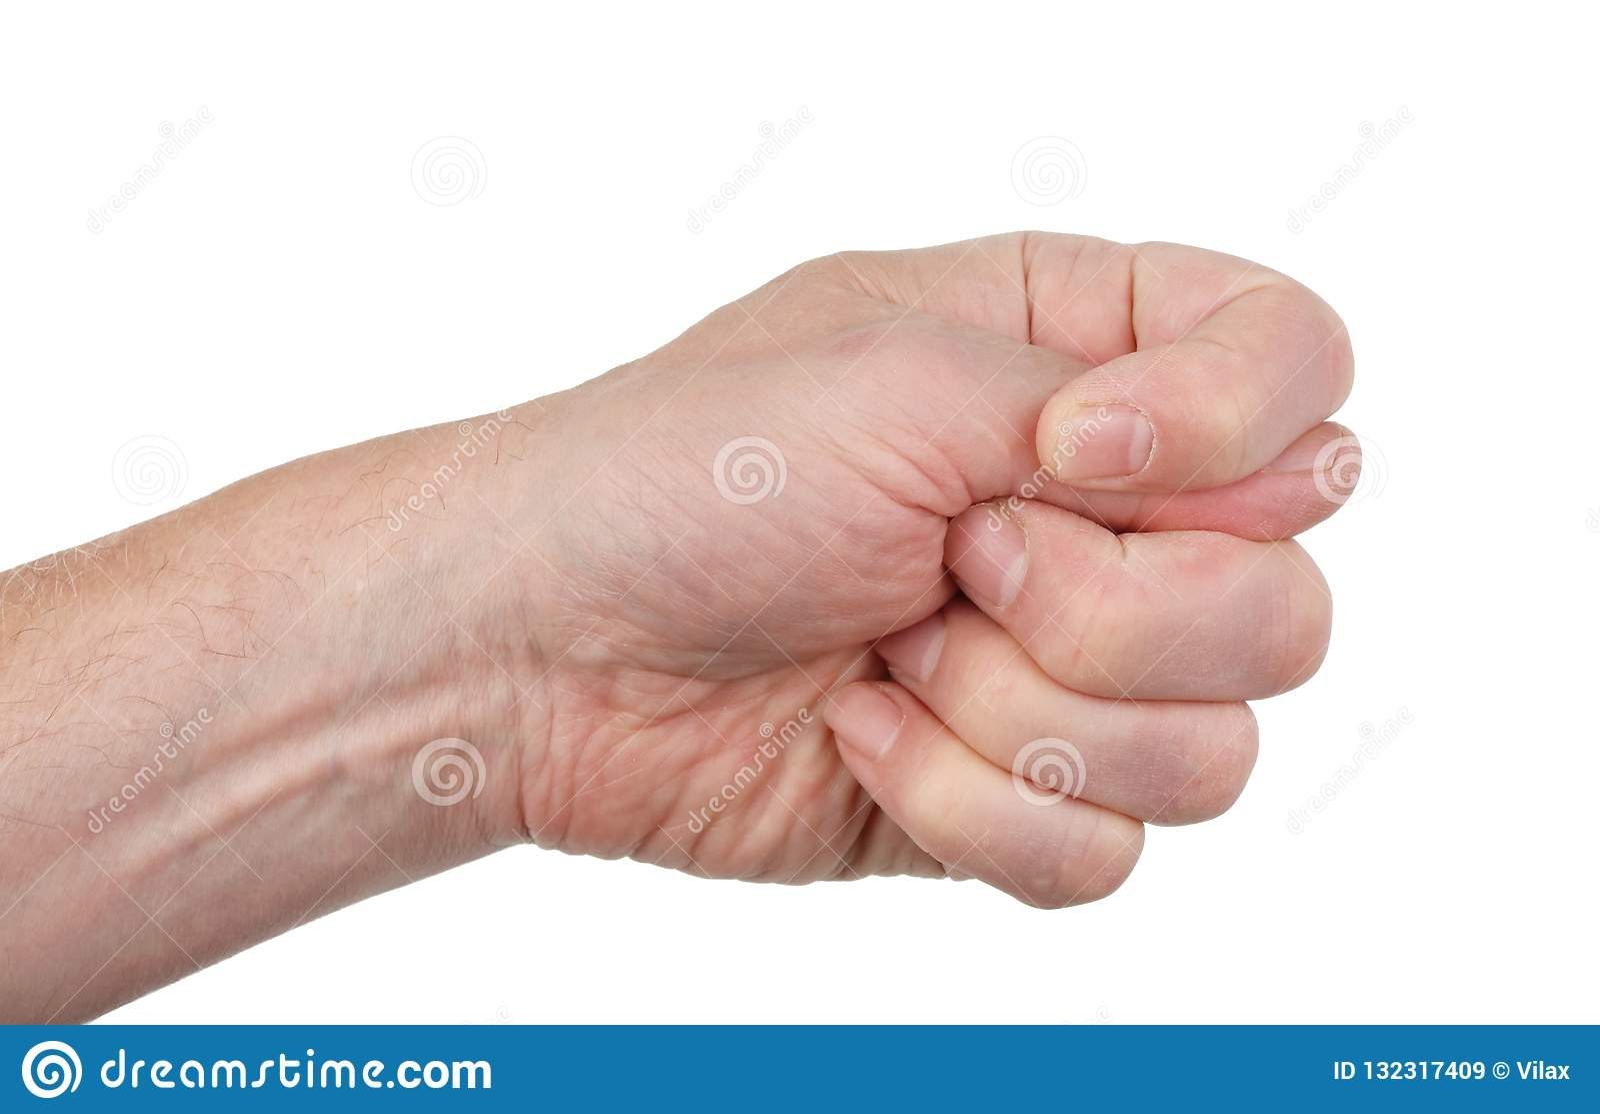 Fico teckennäve med en tumme, knipa mellan indexet och mitt